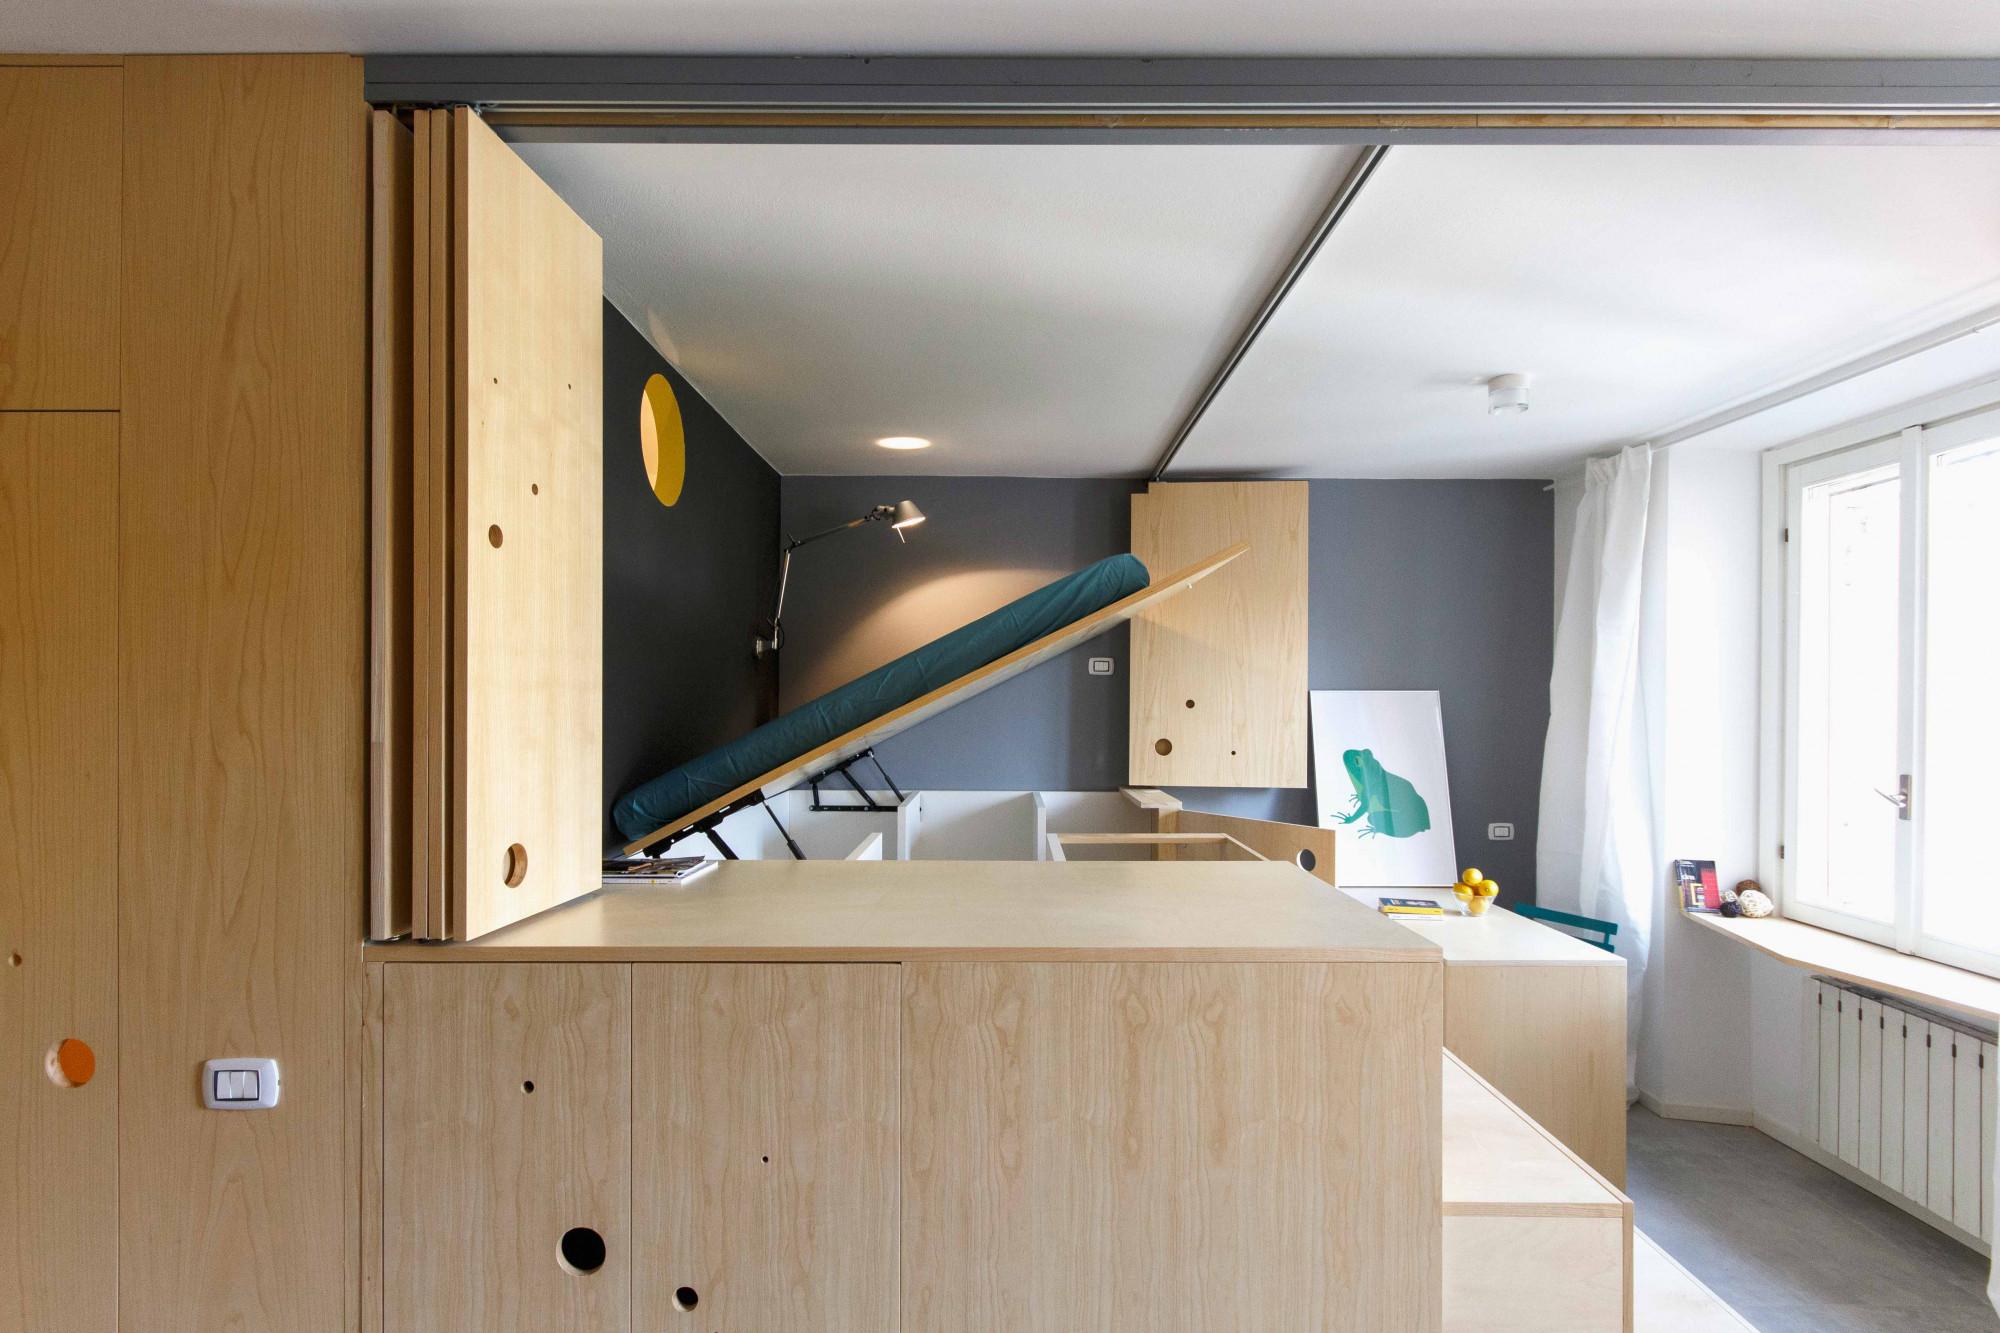 Abitare Bagno Trani come i micro apartments stanno cambiando il modo di abitare